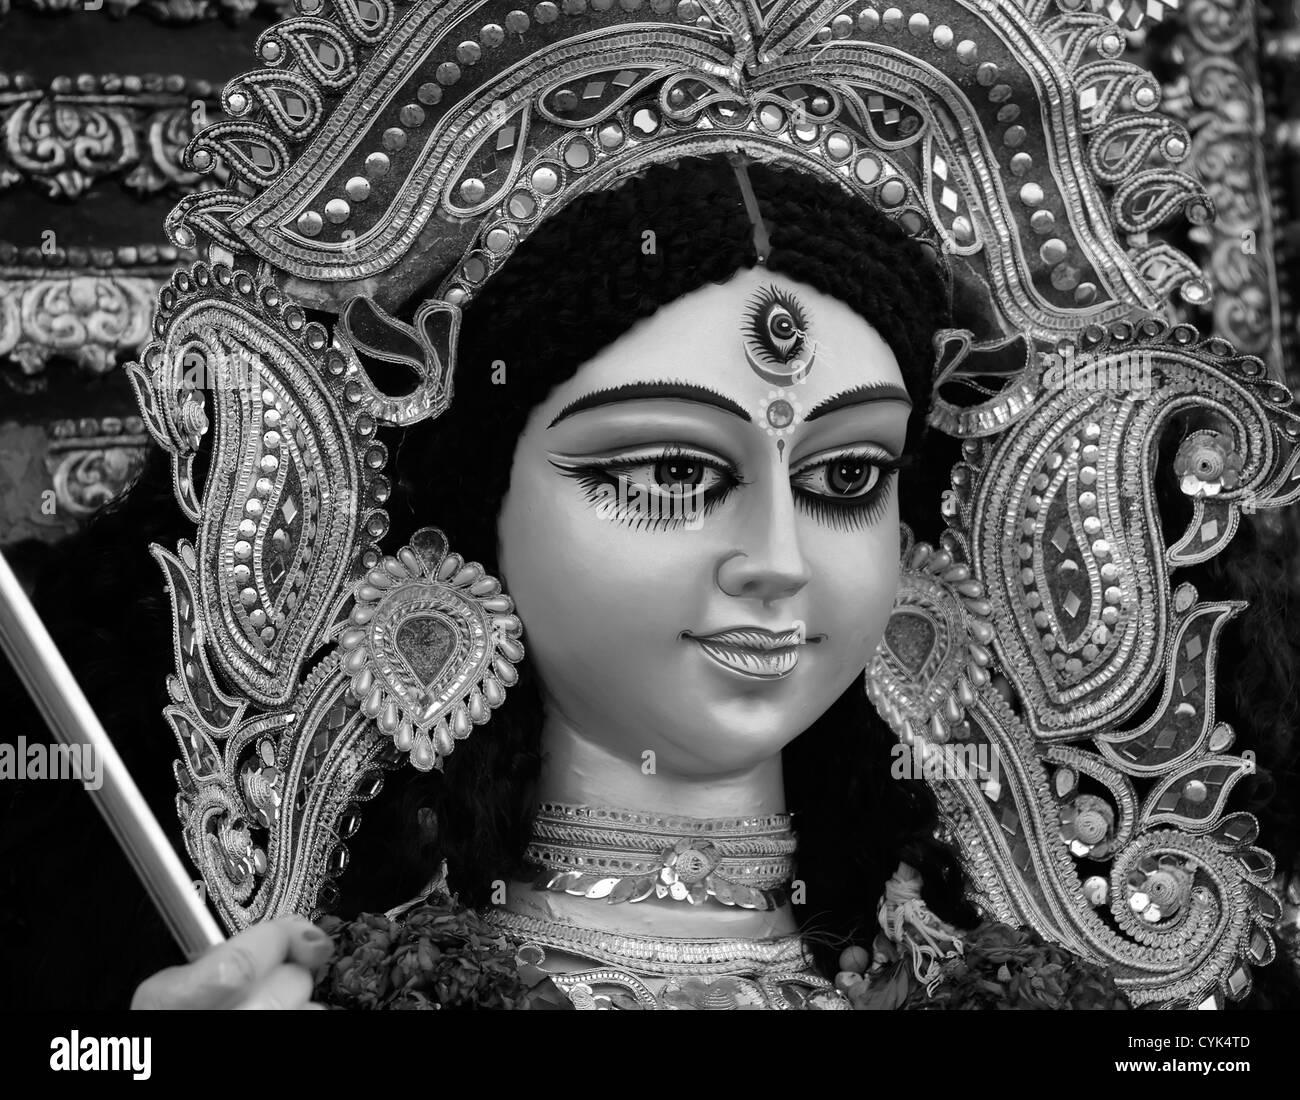 Indian Deity - Stock Image